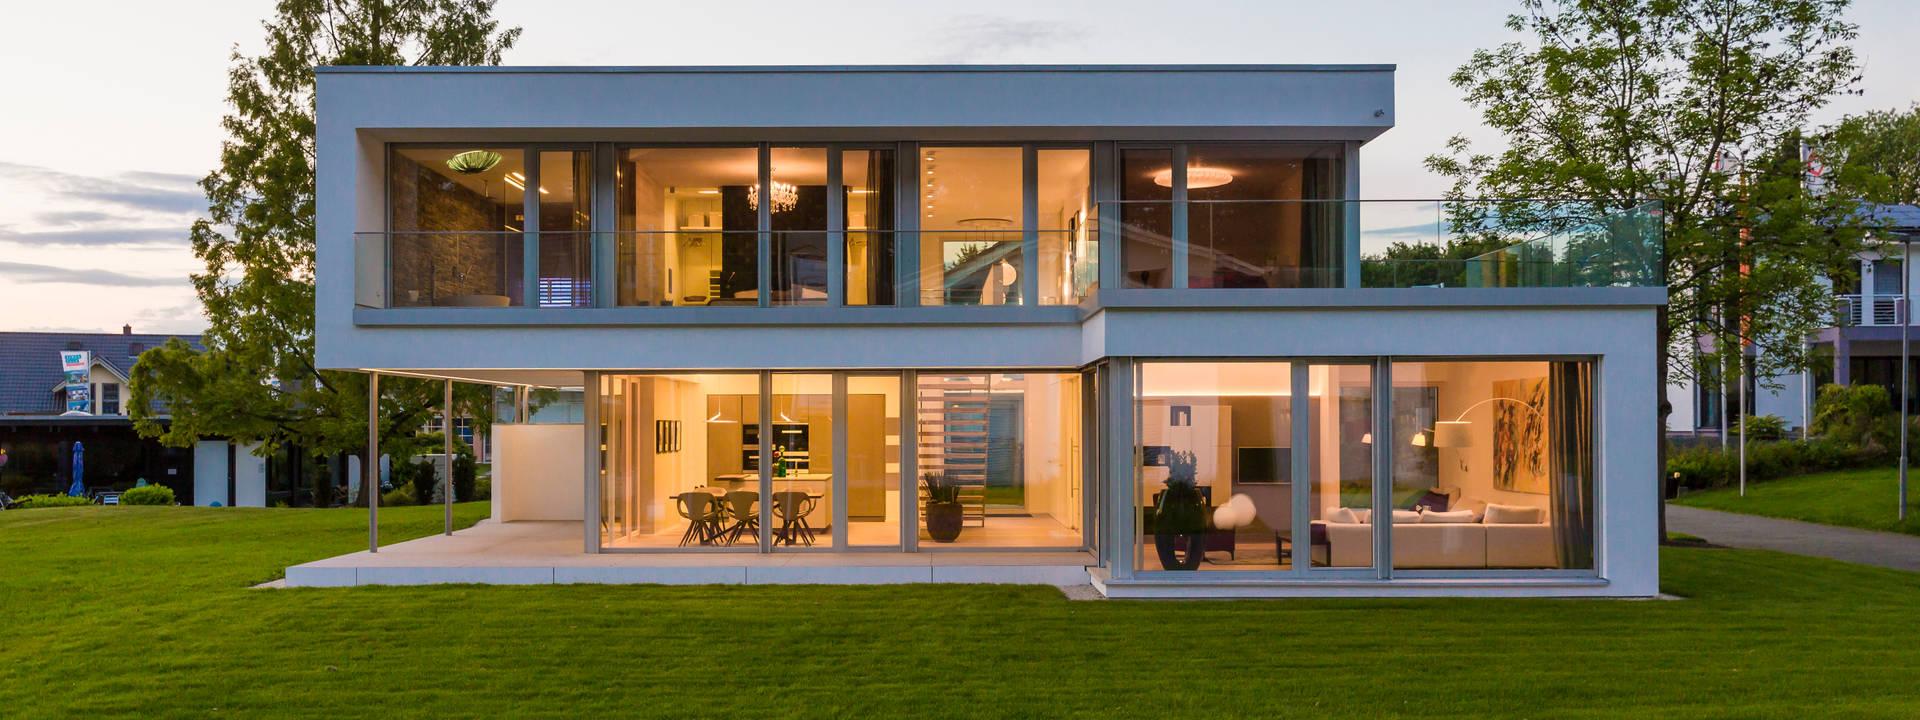 Progetta la tua casa progetta la tua casa with progetta for Progetta la tua casa virtuale